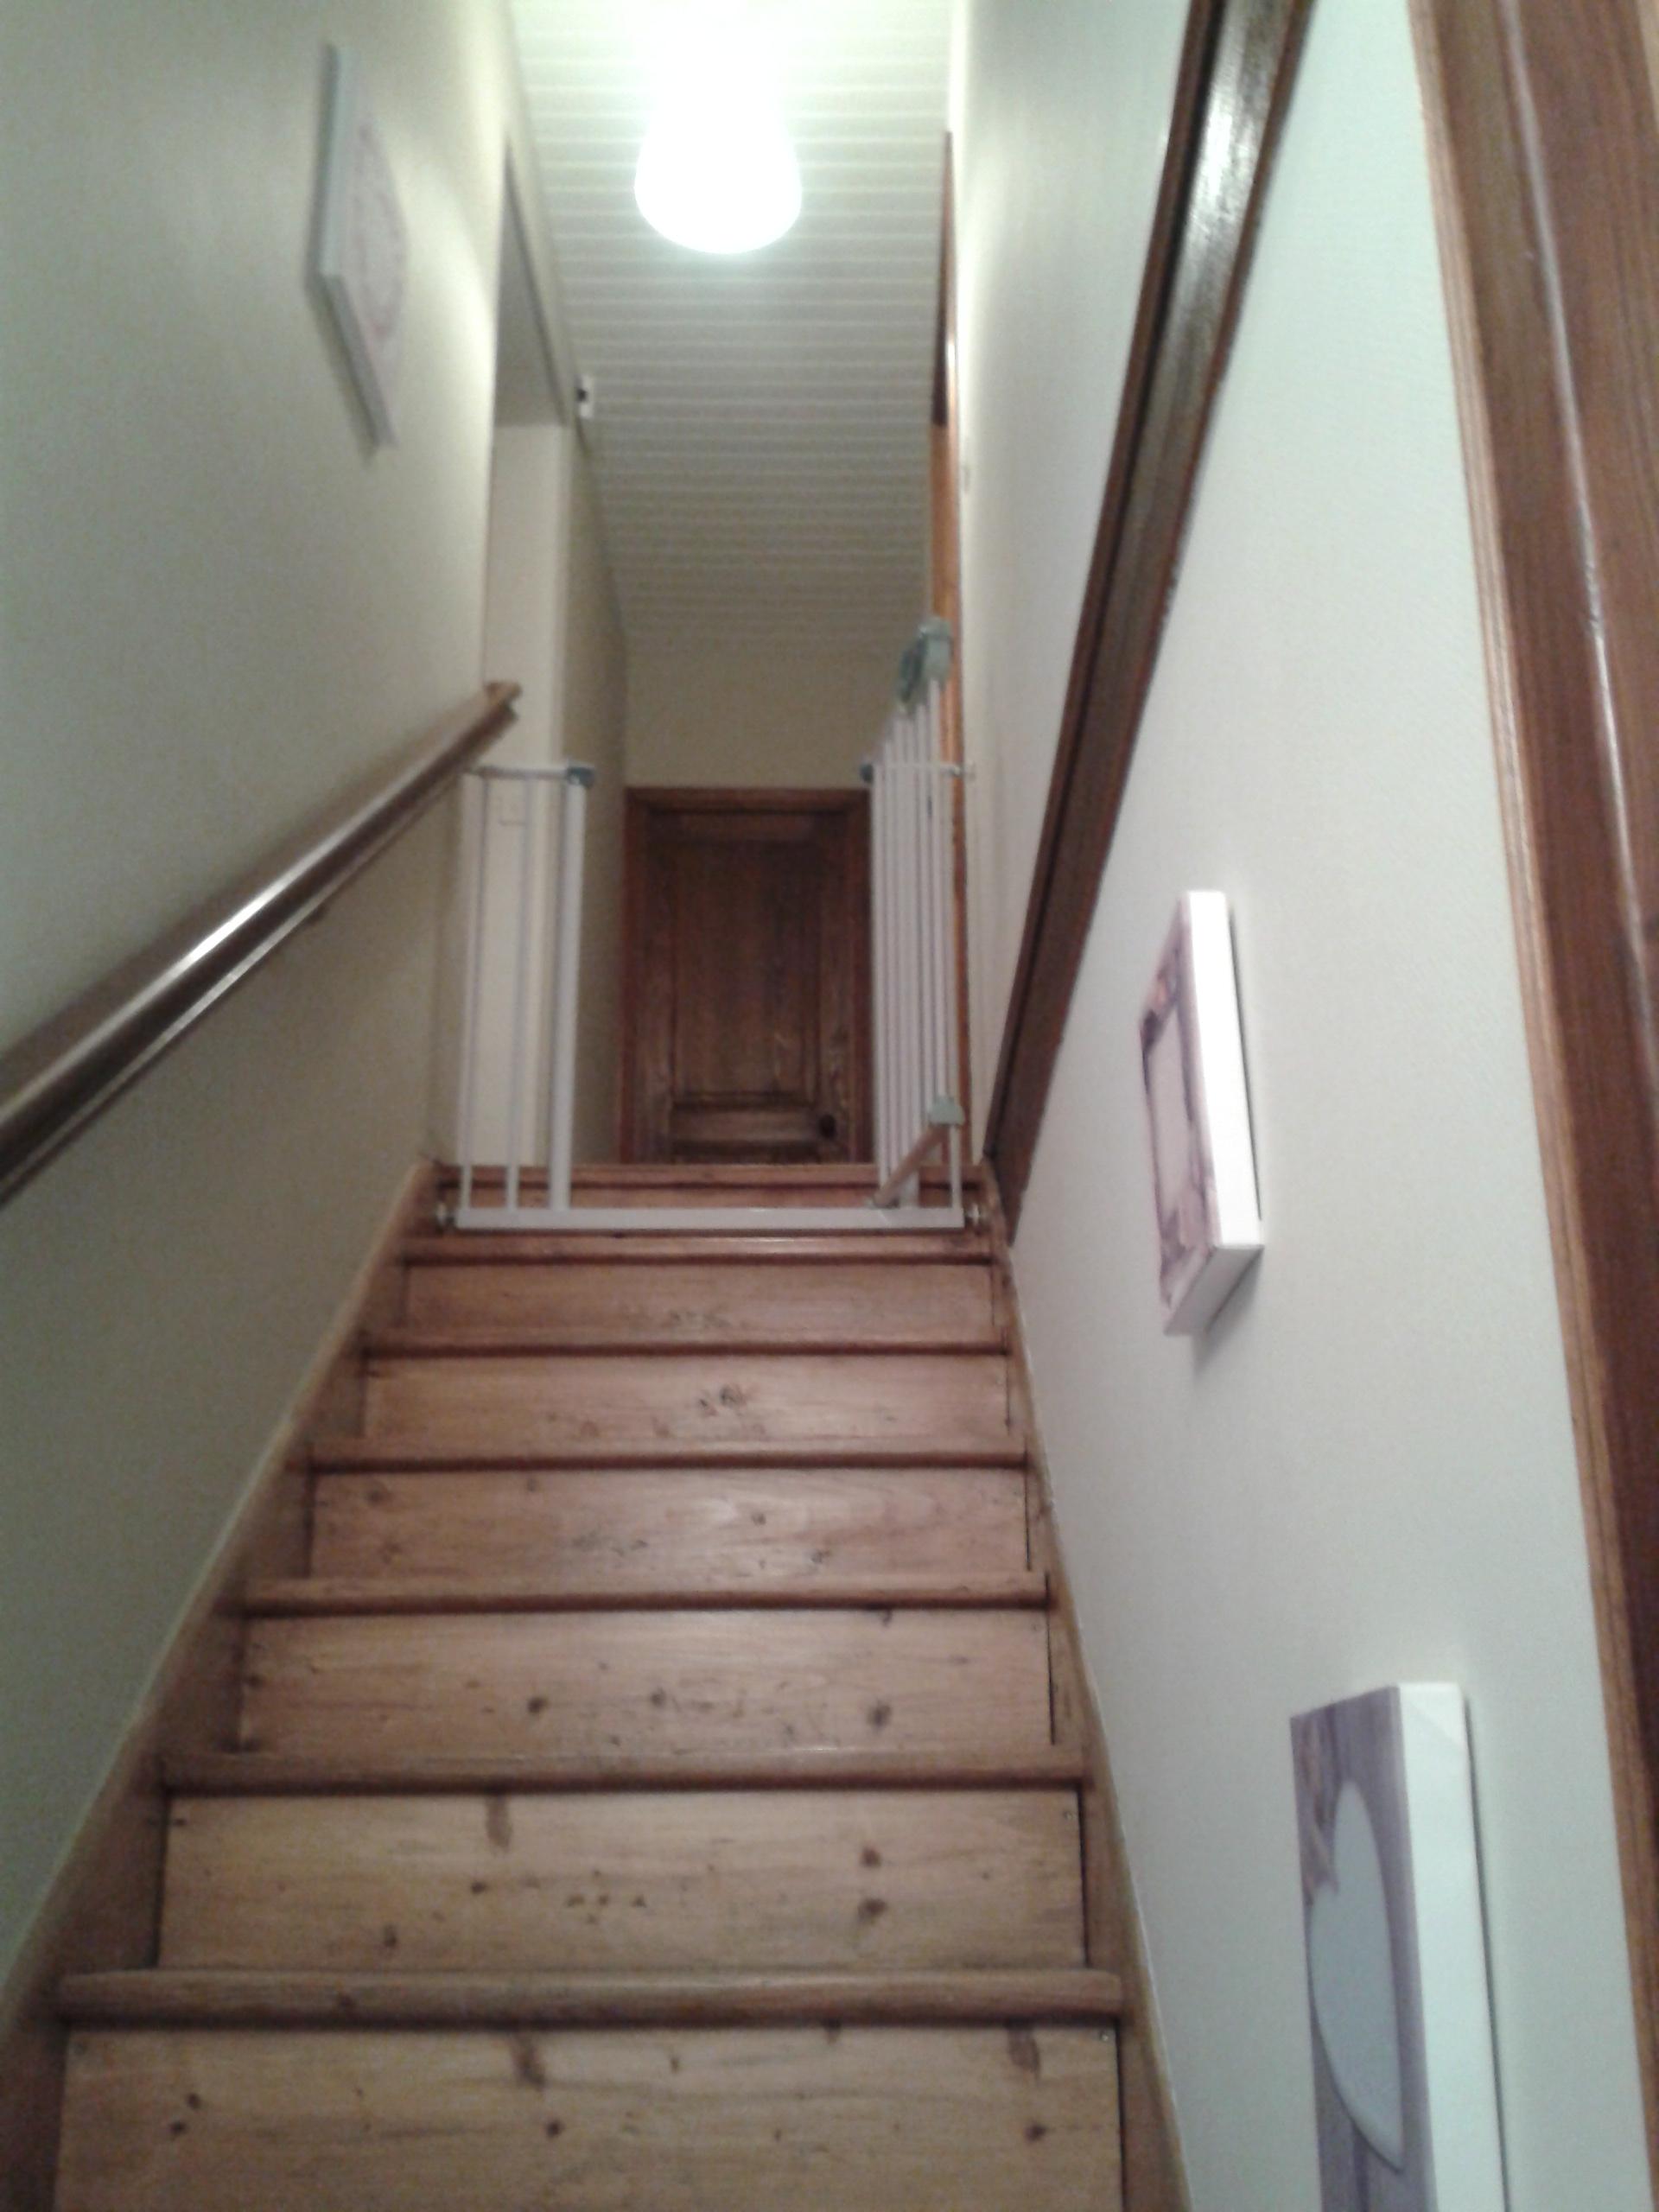 Dcoration intrieur dun escalier et son dgagement  Sensations Dco